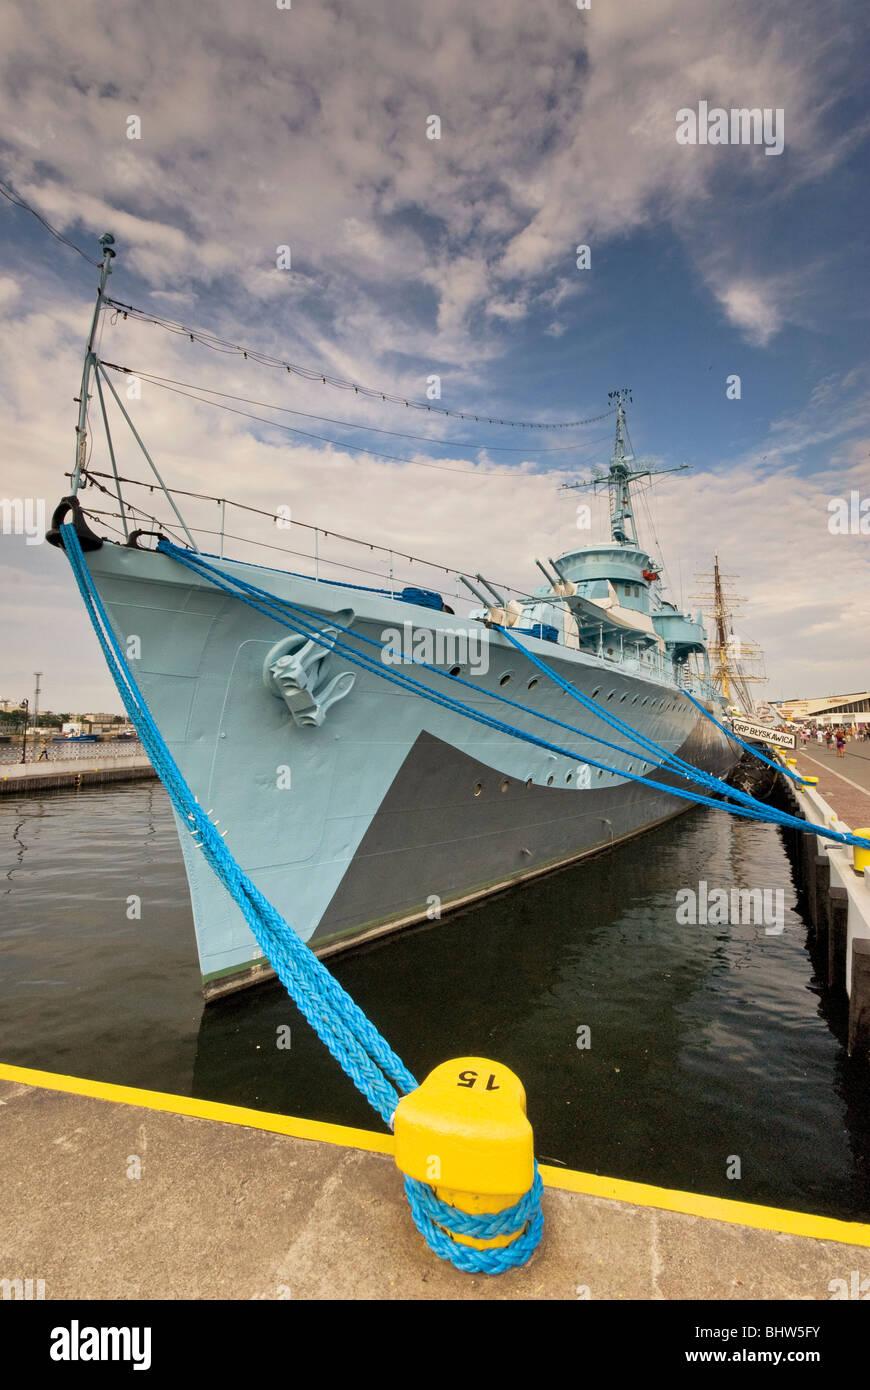 ORP Blyskawica WW2 museum warship at waterfront in Gdynia, Pomorskie, Poland - Stock Image